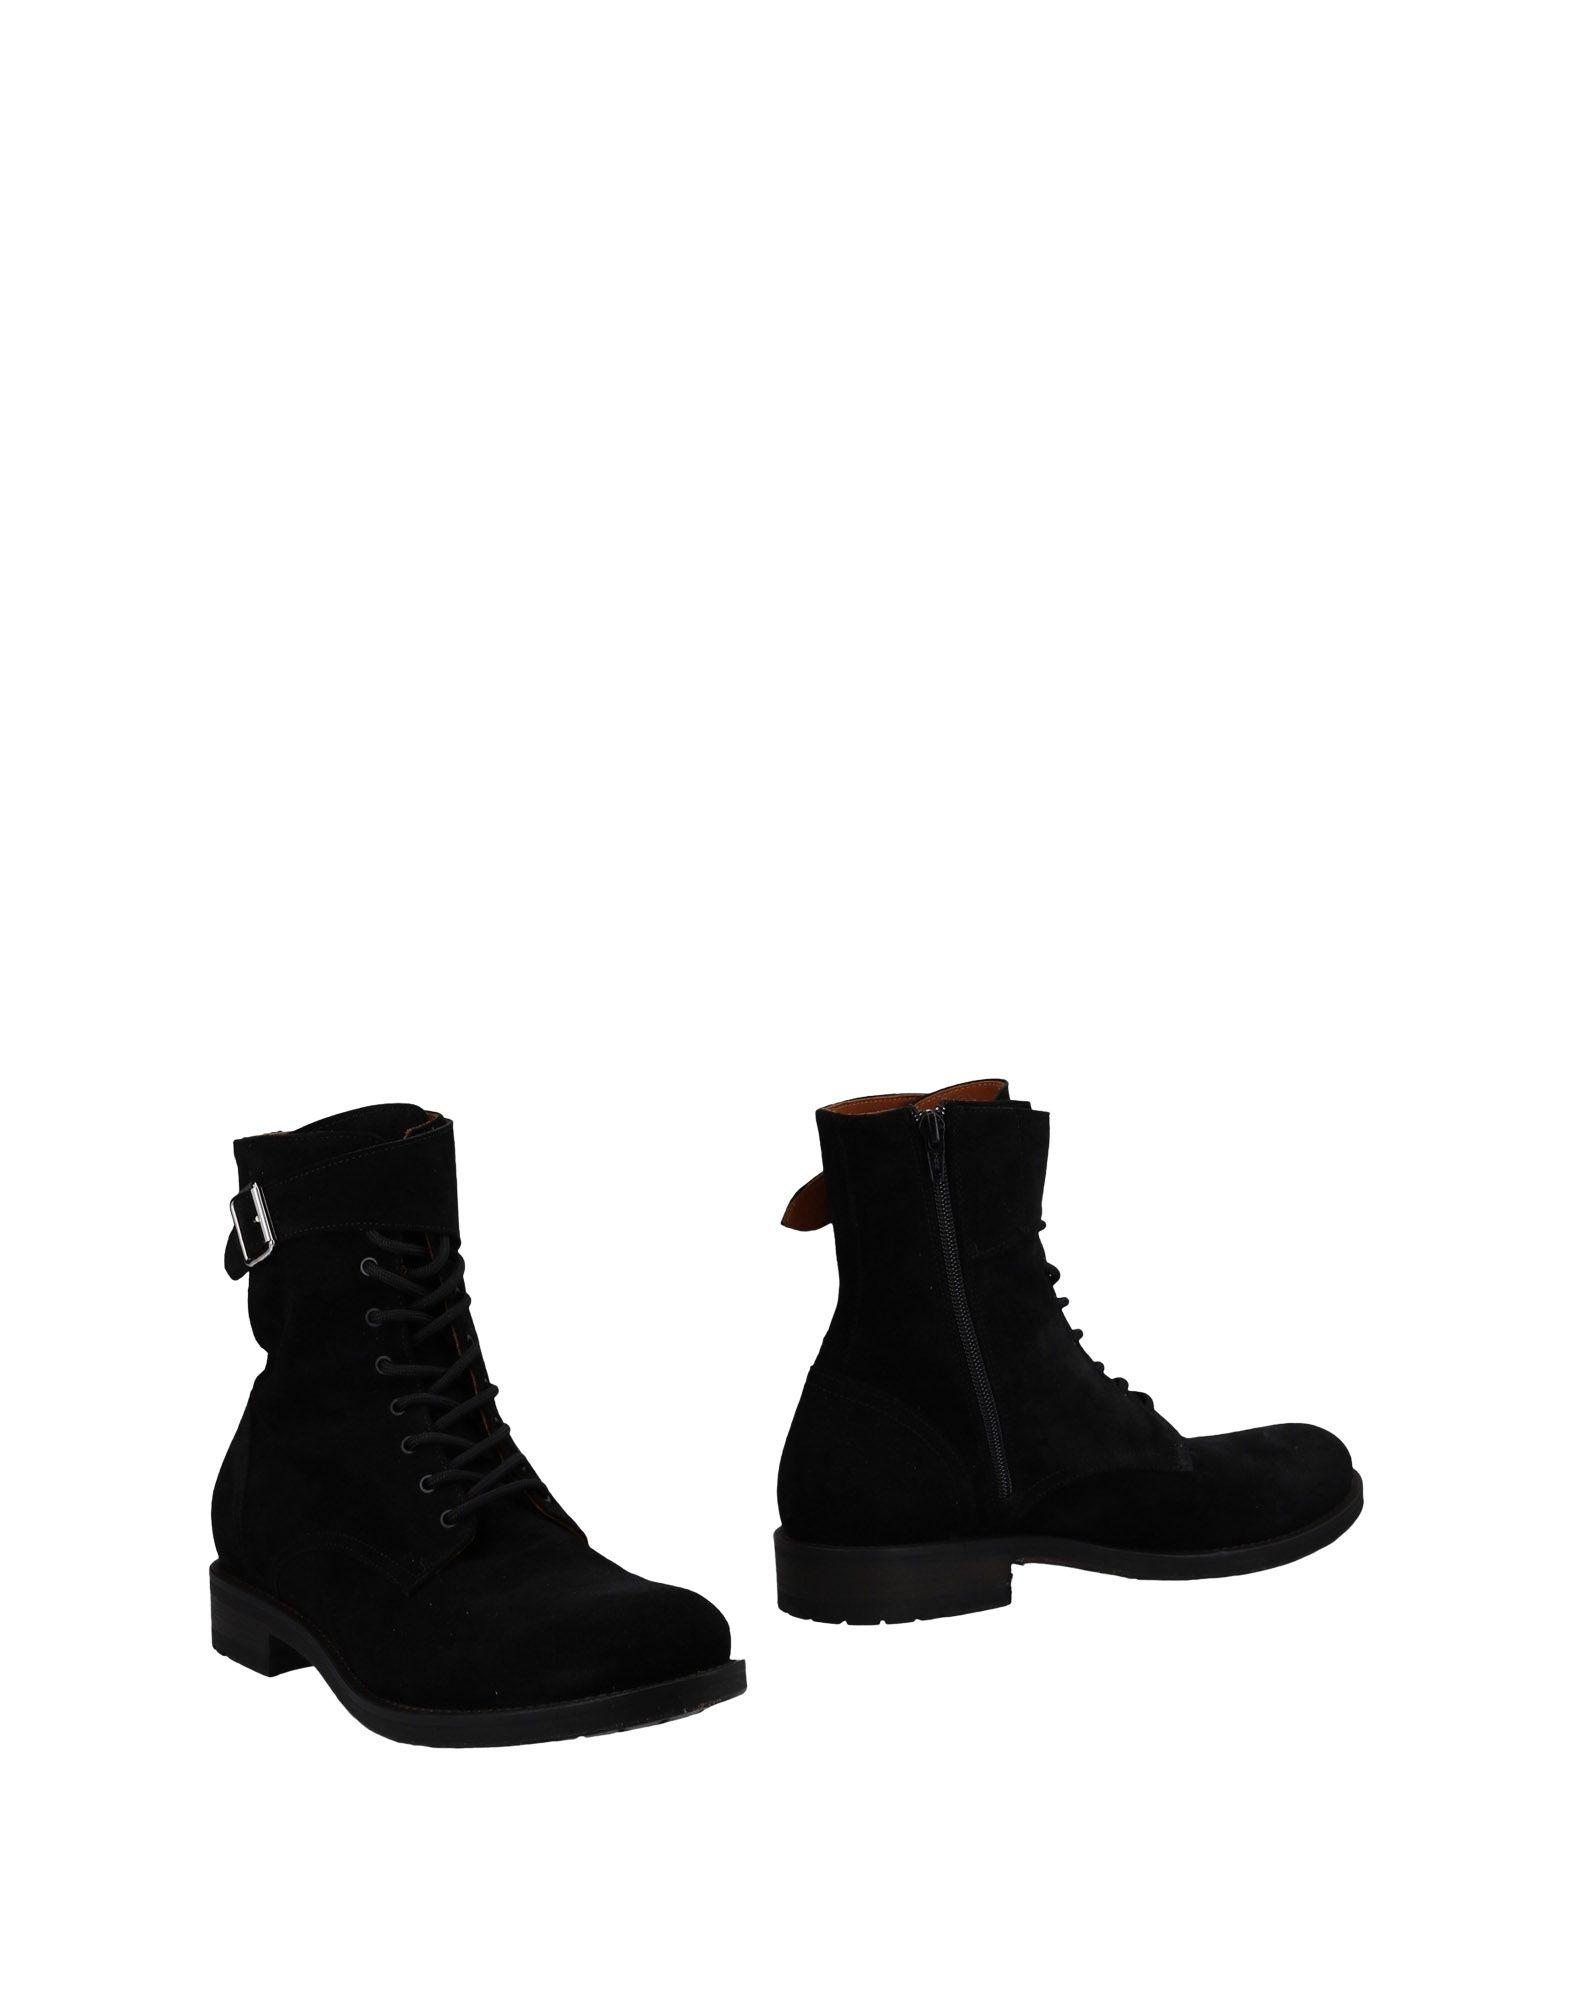 Rabatt Stiefelette echte Schuhe Le Bohémien Stiefelette Rabatt Herren 11485248SX 1c6003